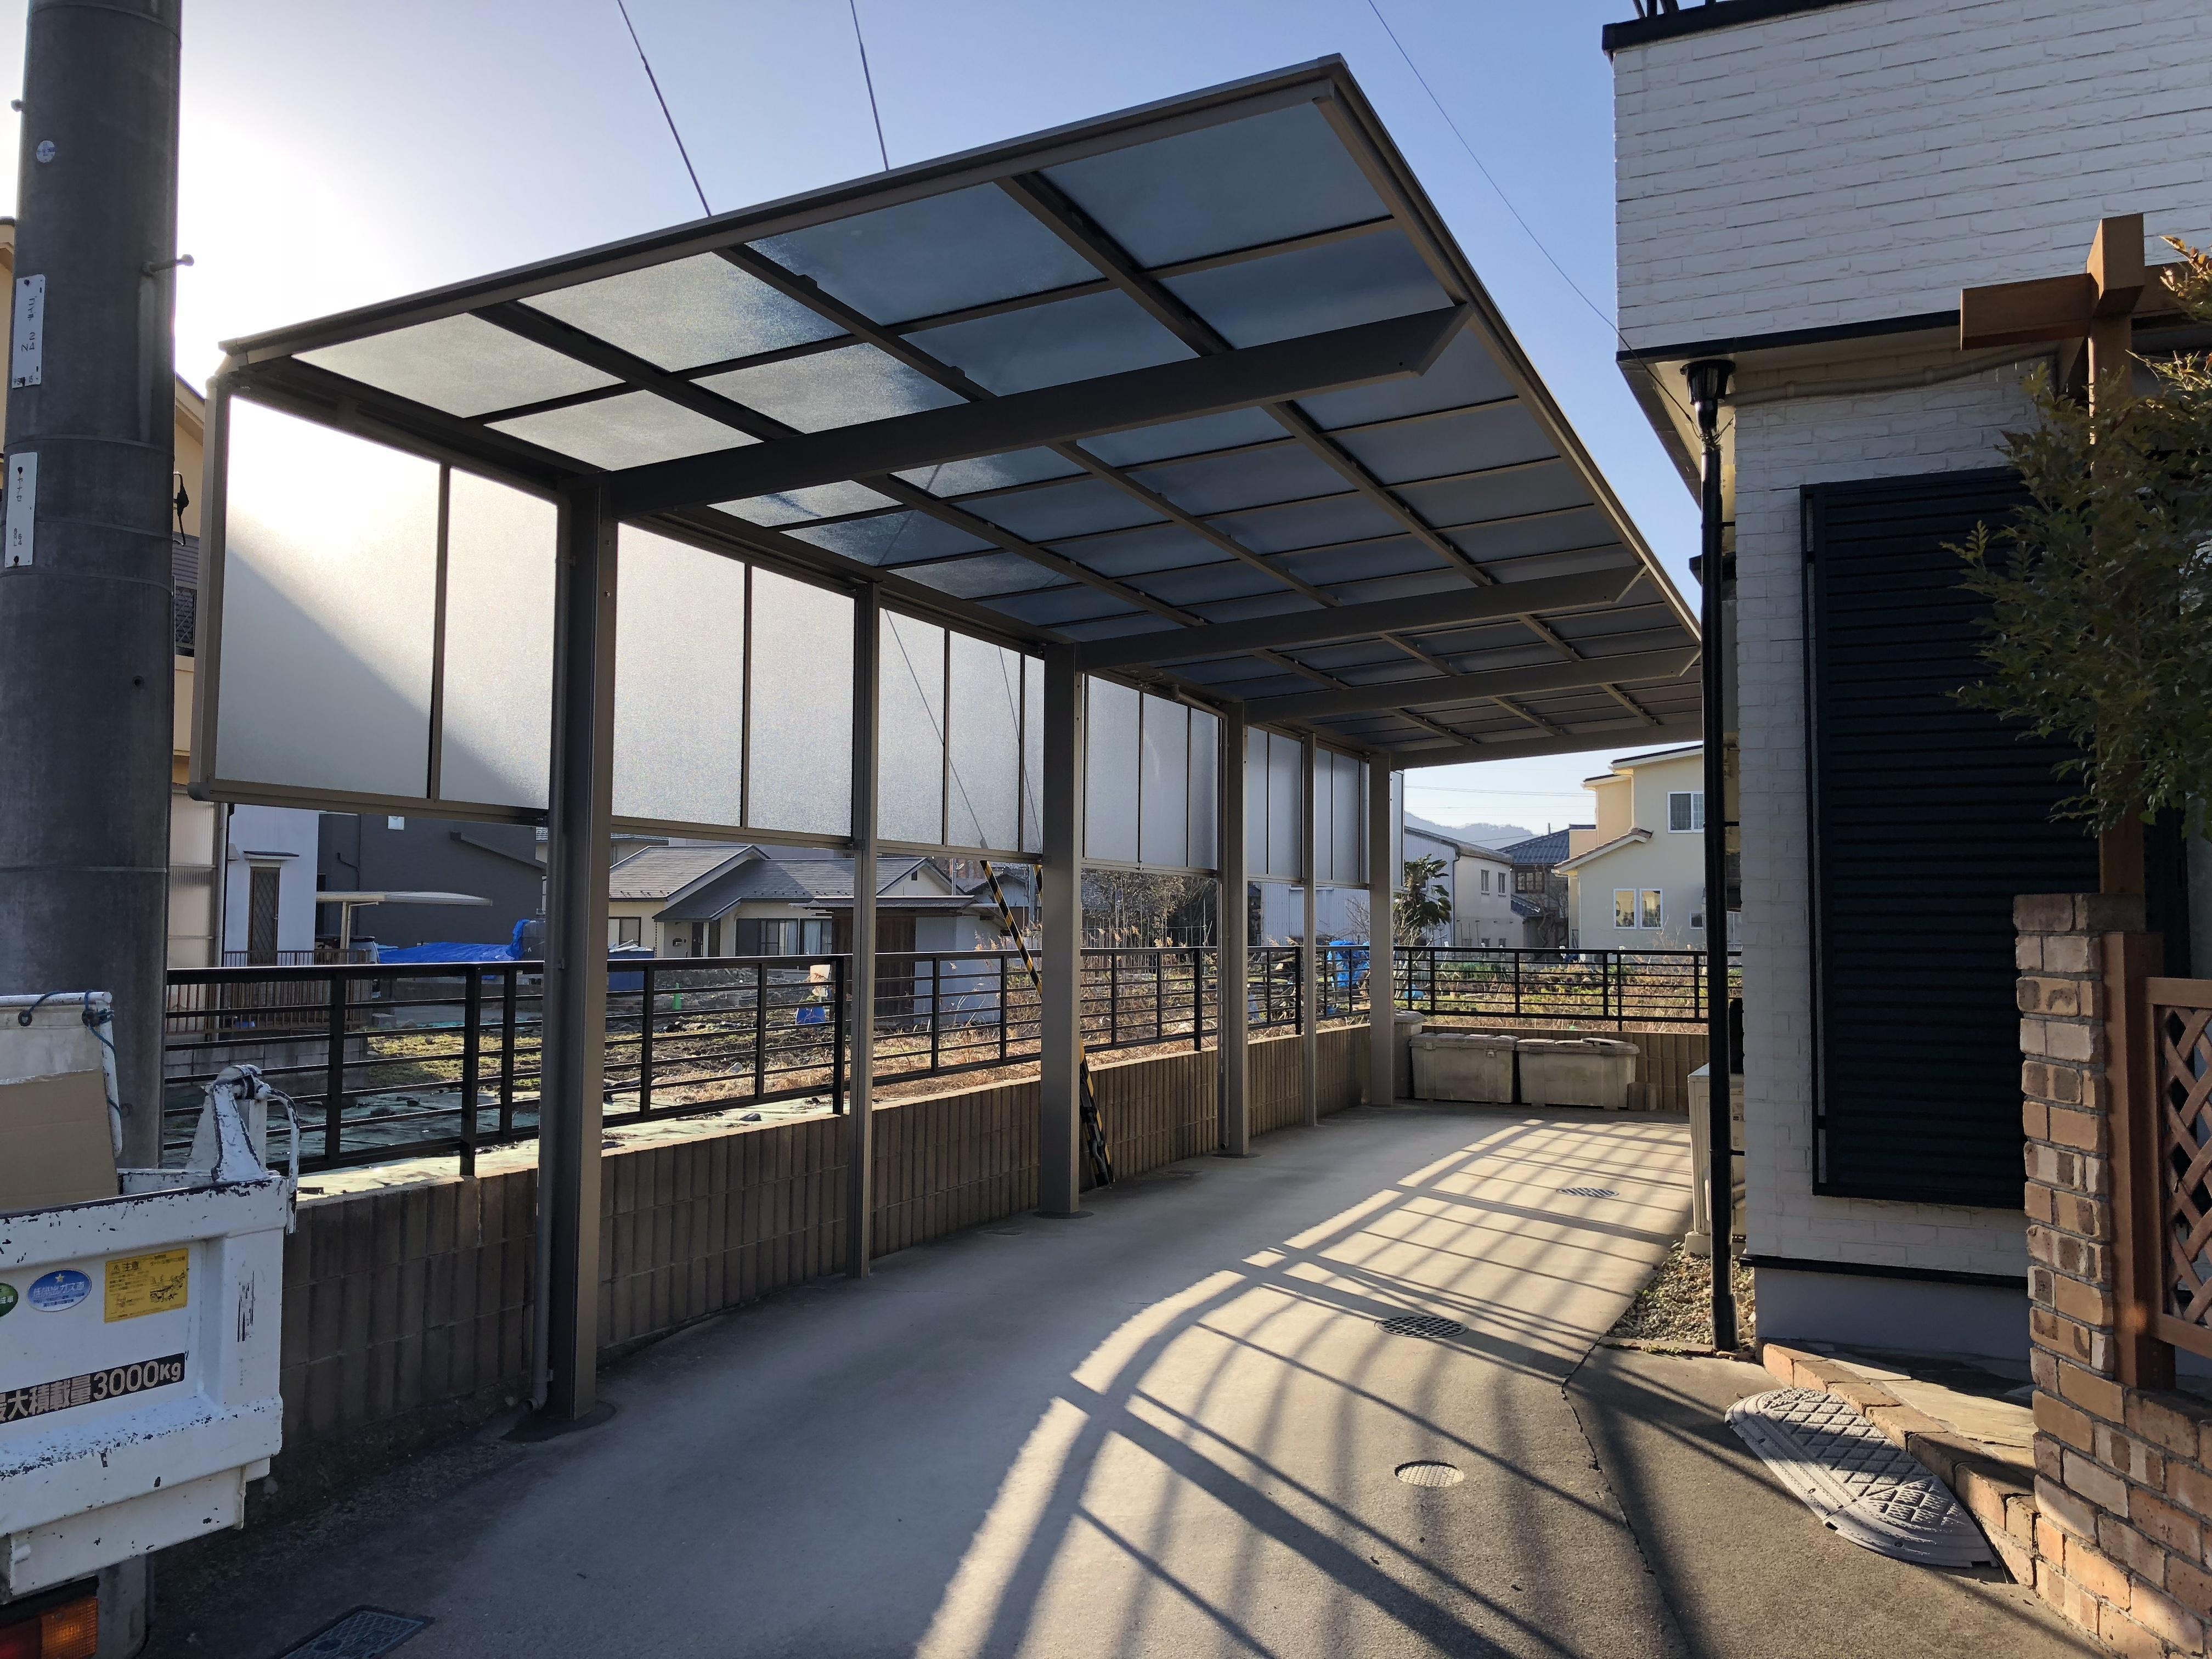 東近江市の造園・外構工事・留守宅管理なら花久造園へ カーポート修理、交換/東近江市